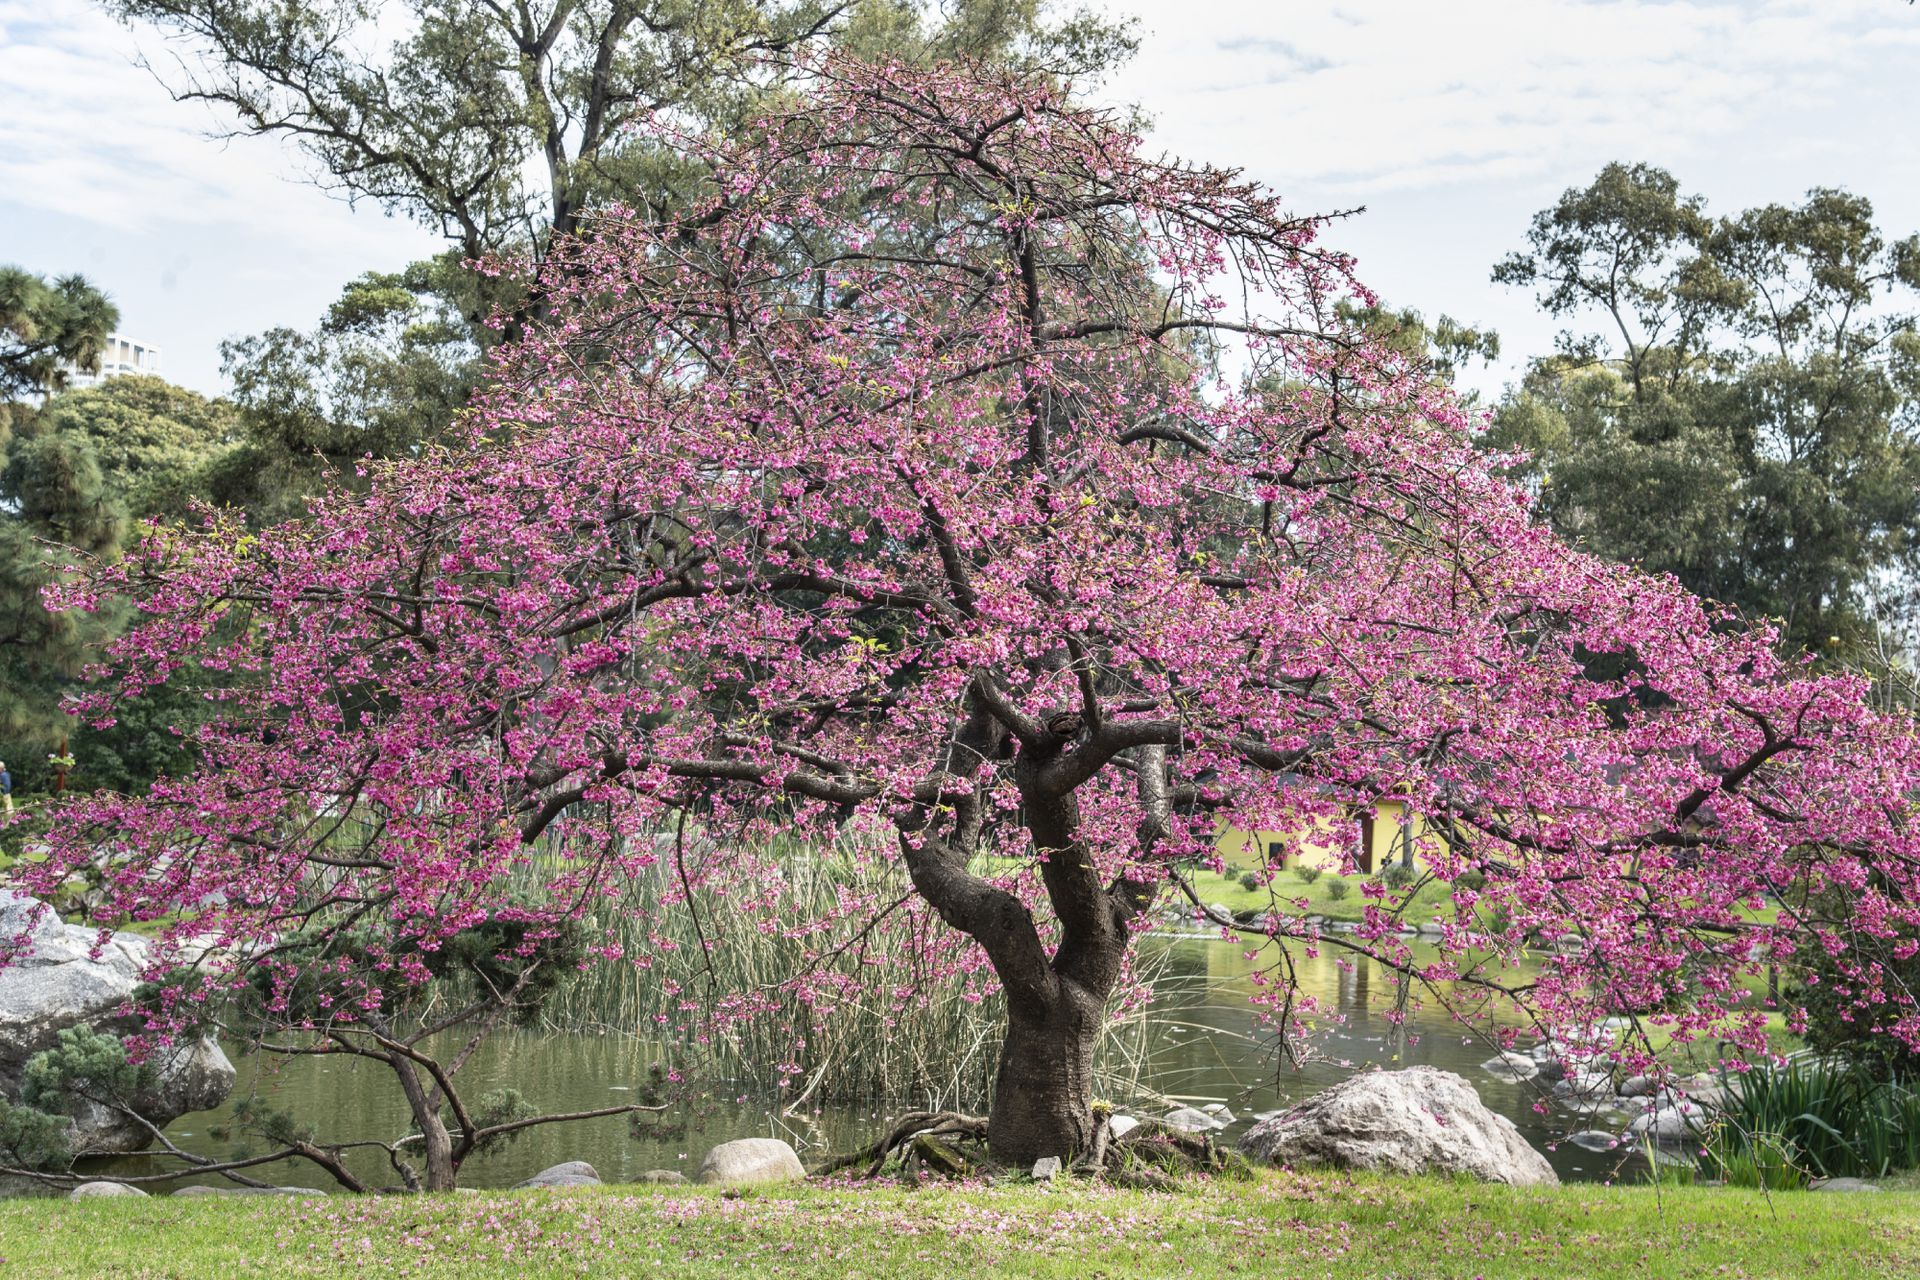 Unos 40 árboles atraen con sus sutiles y exquisitos rosas claros y oscuros.